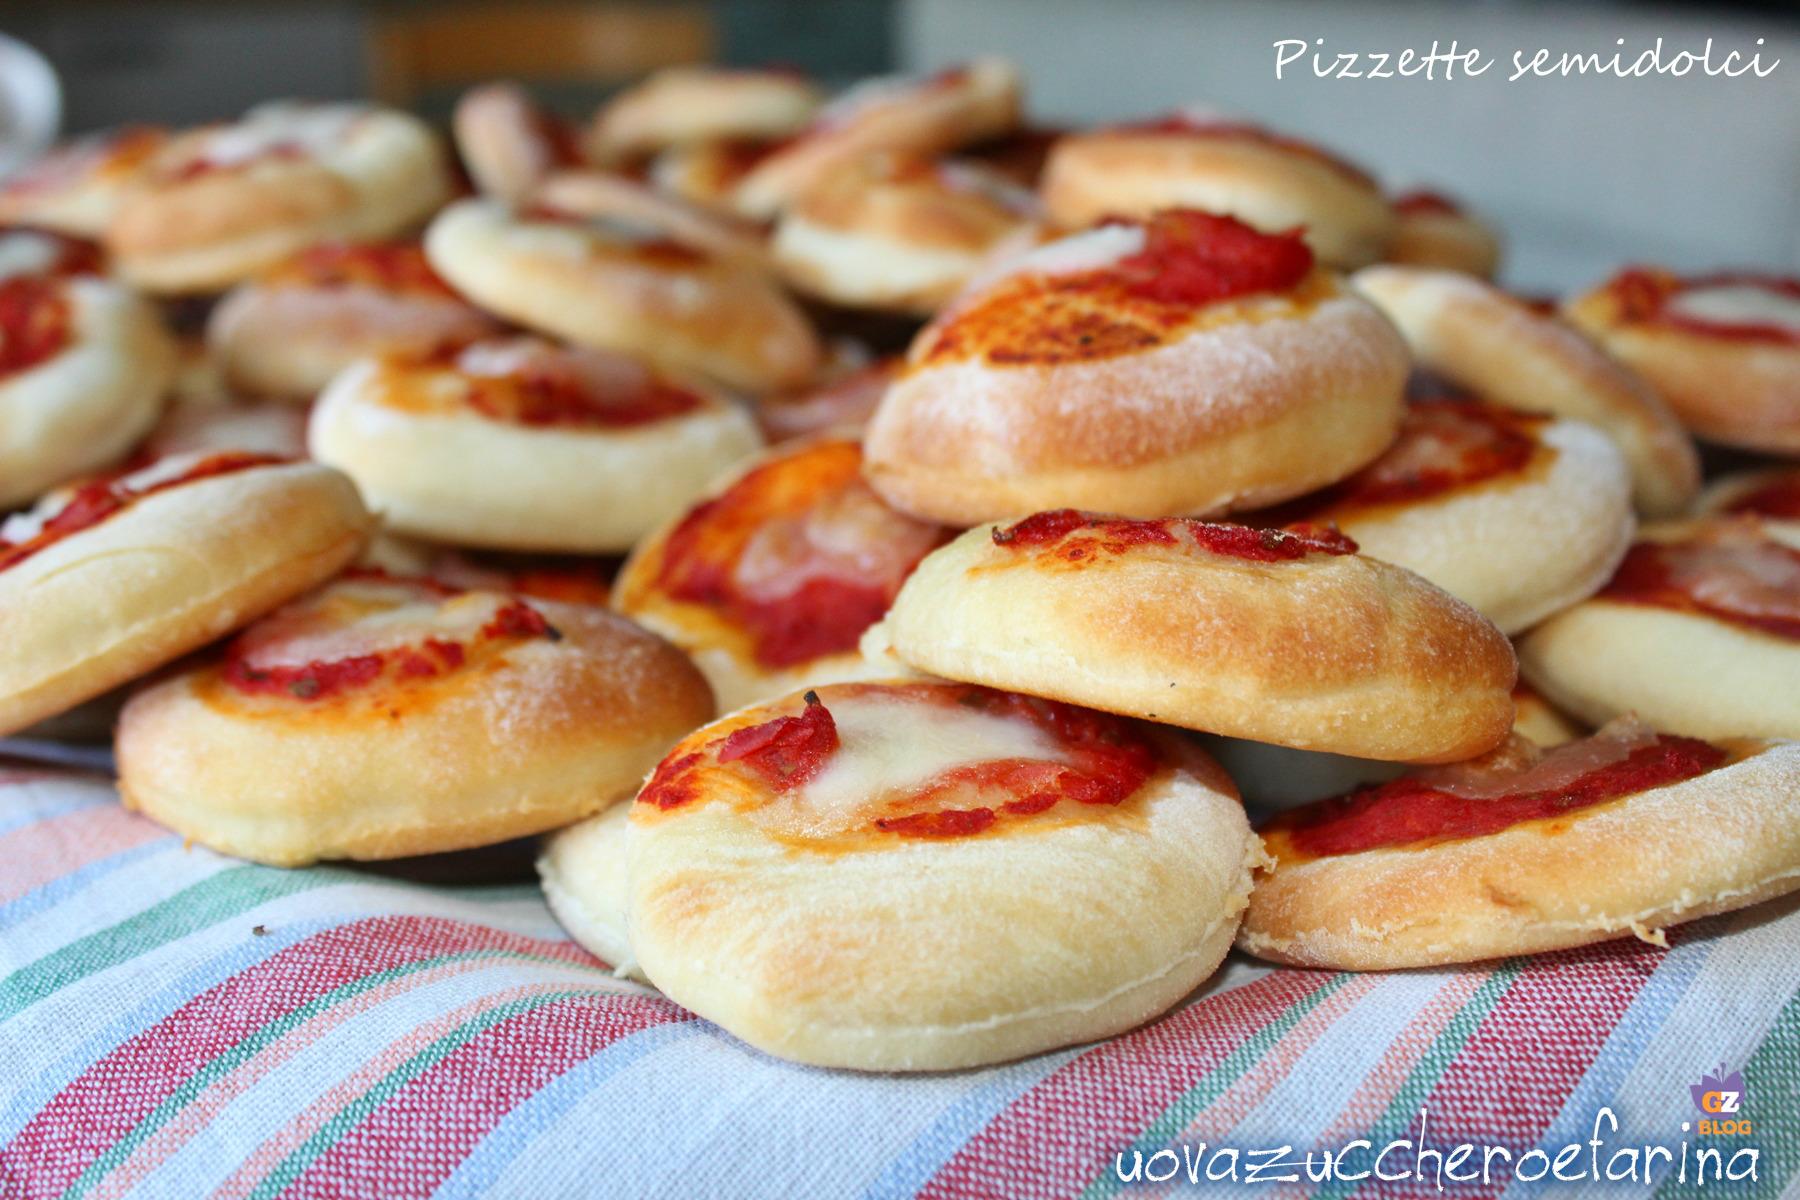 pizzette bar semidolci